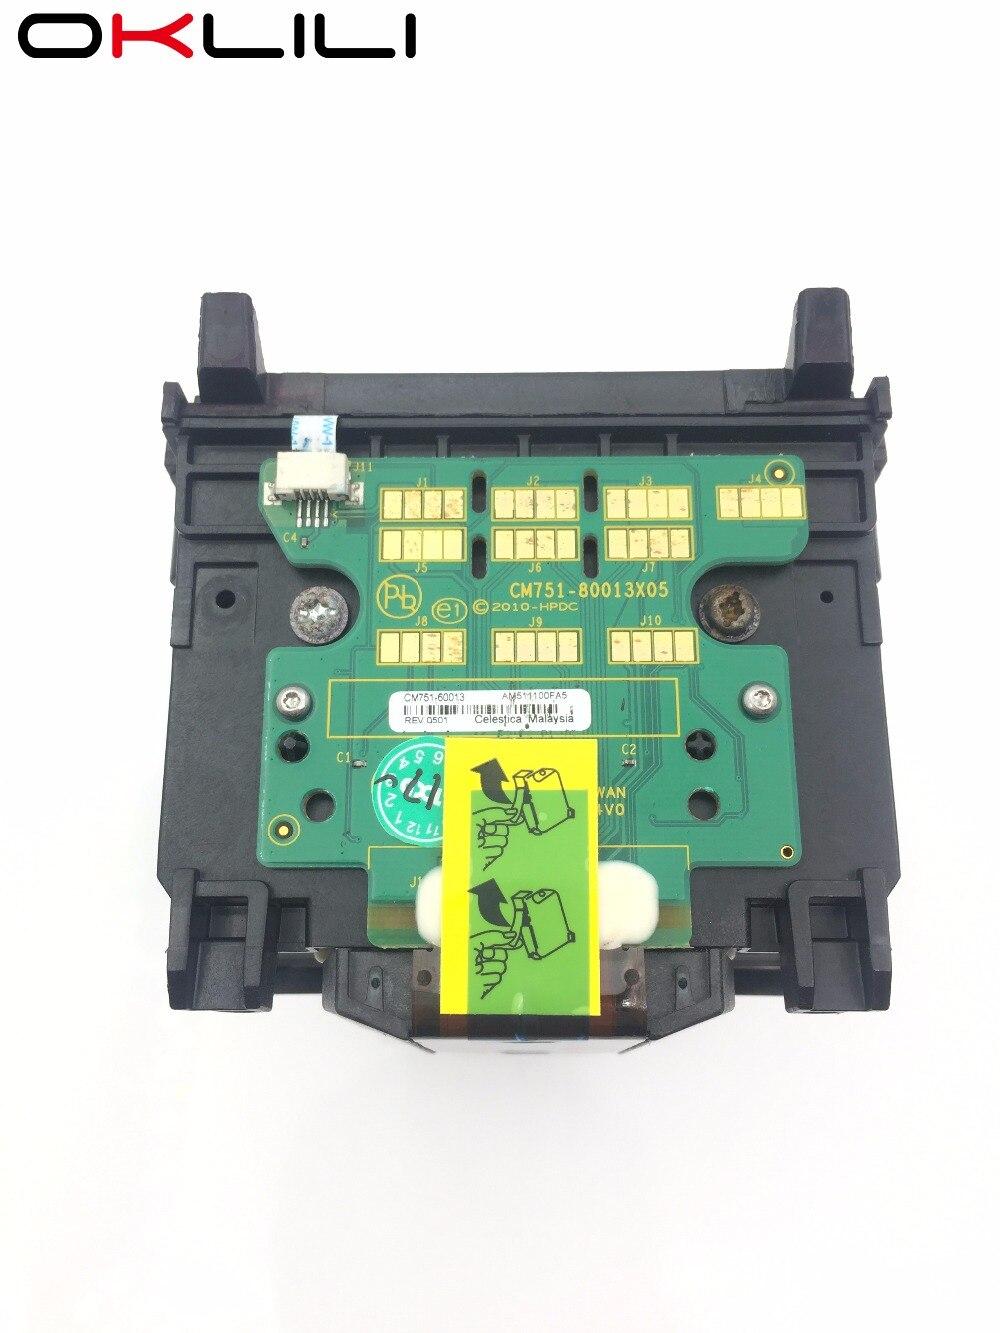 CM751-80013A 950 951 950XL 951XL Tête D'impression tête d'impression pour HP Pro 8100 8600 Plus 8610 8620 8625 8630 8700 Pro 251DW 251 276 276DW - 4